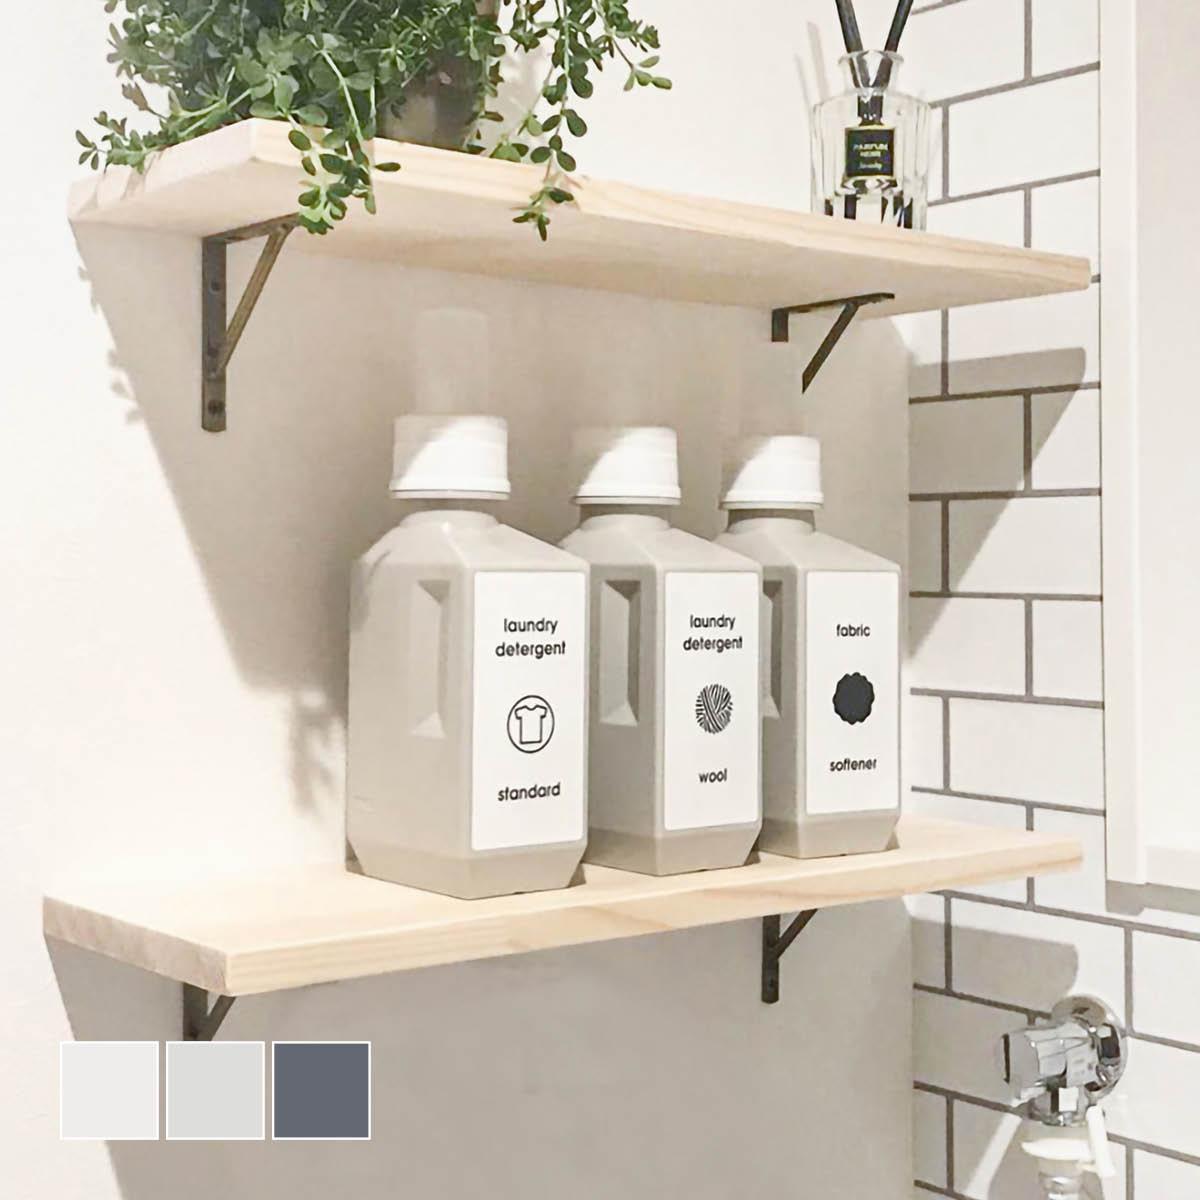 洗濯洗剤 柔軟剤 詰め替えボトル [b2c ランドリーボトル M 700ml] ラベル・シール別売#SALE_LA